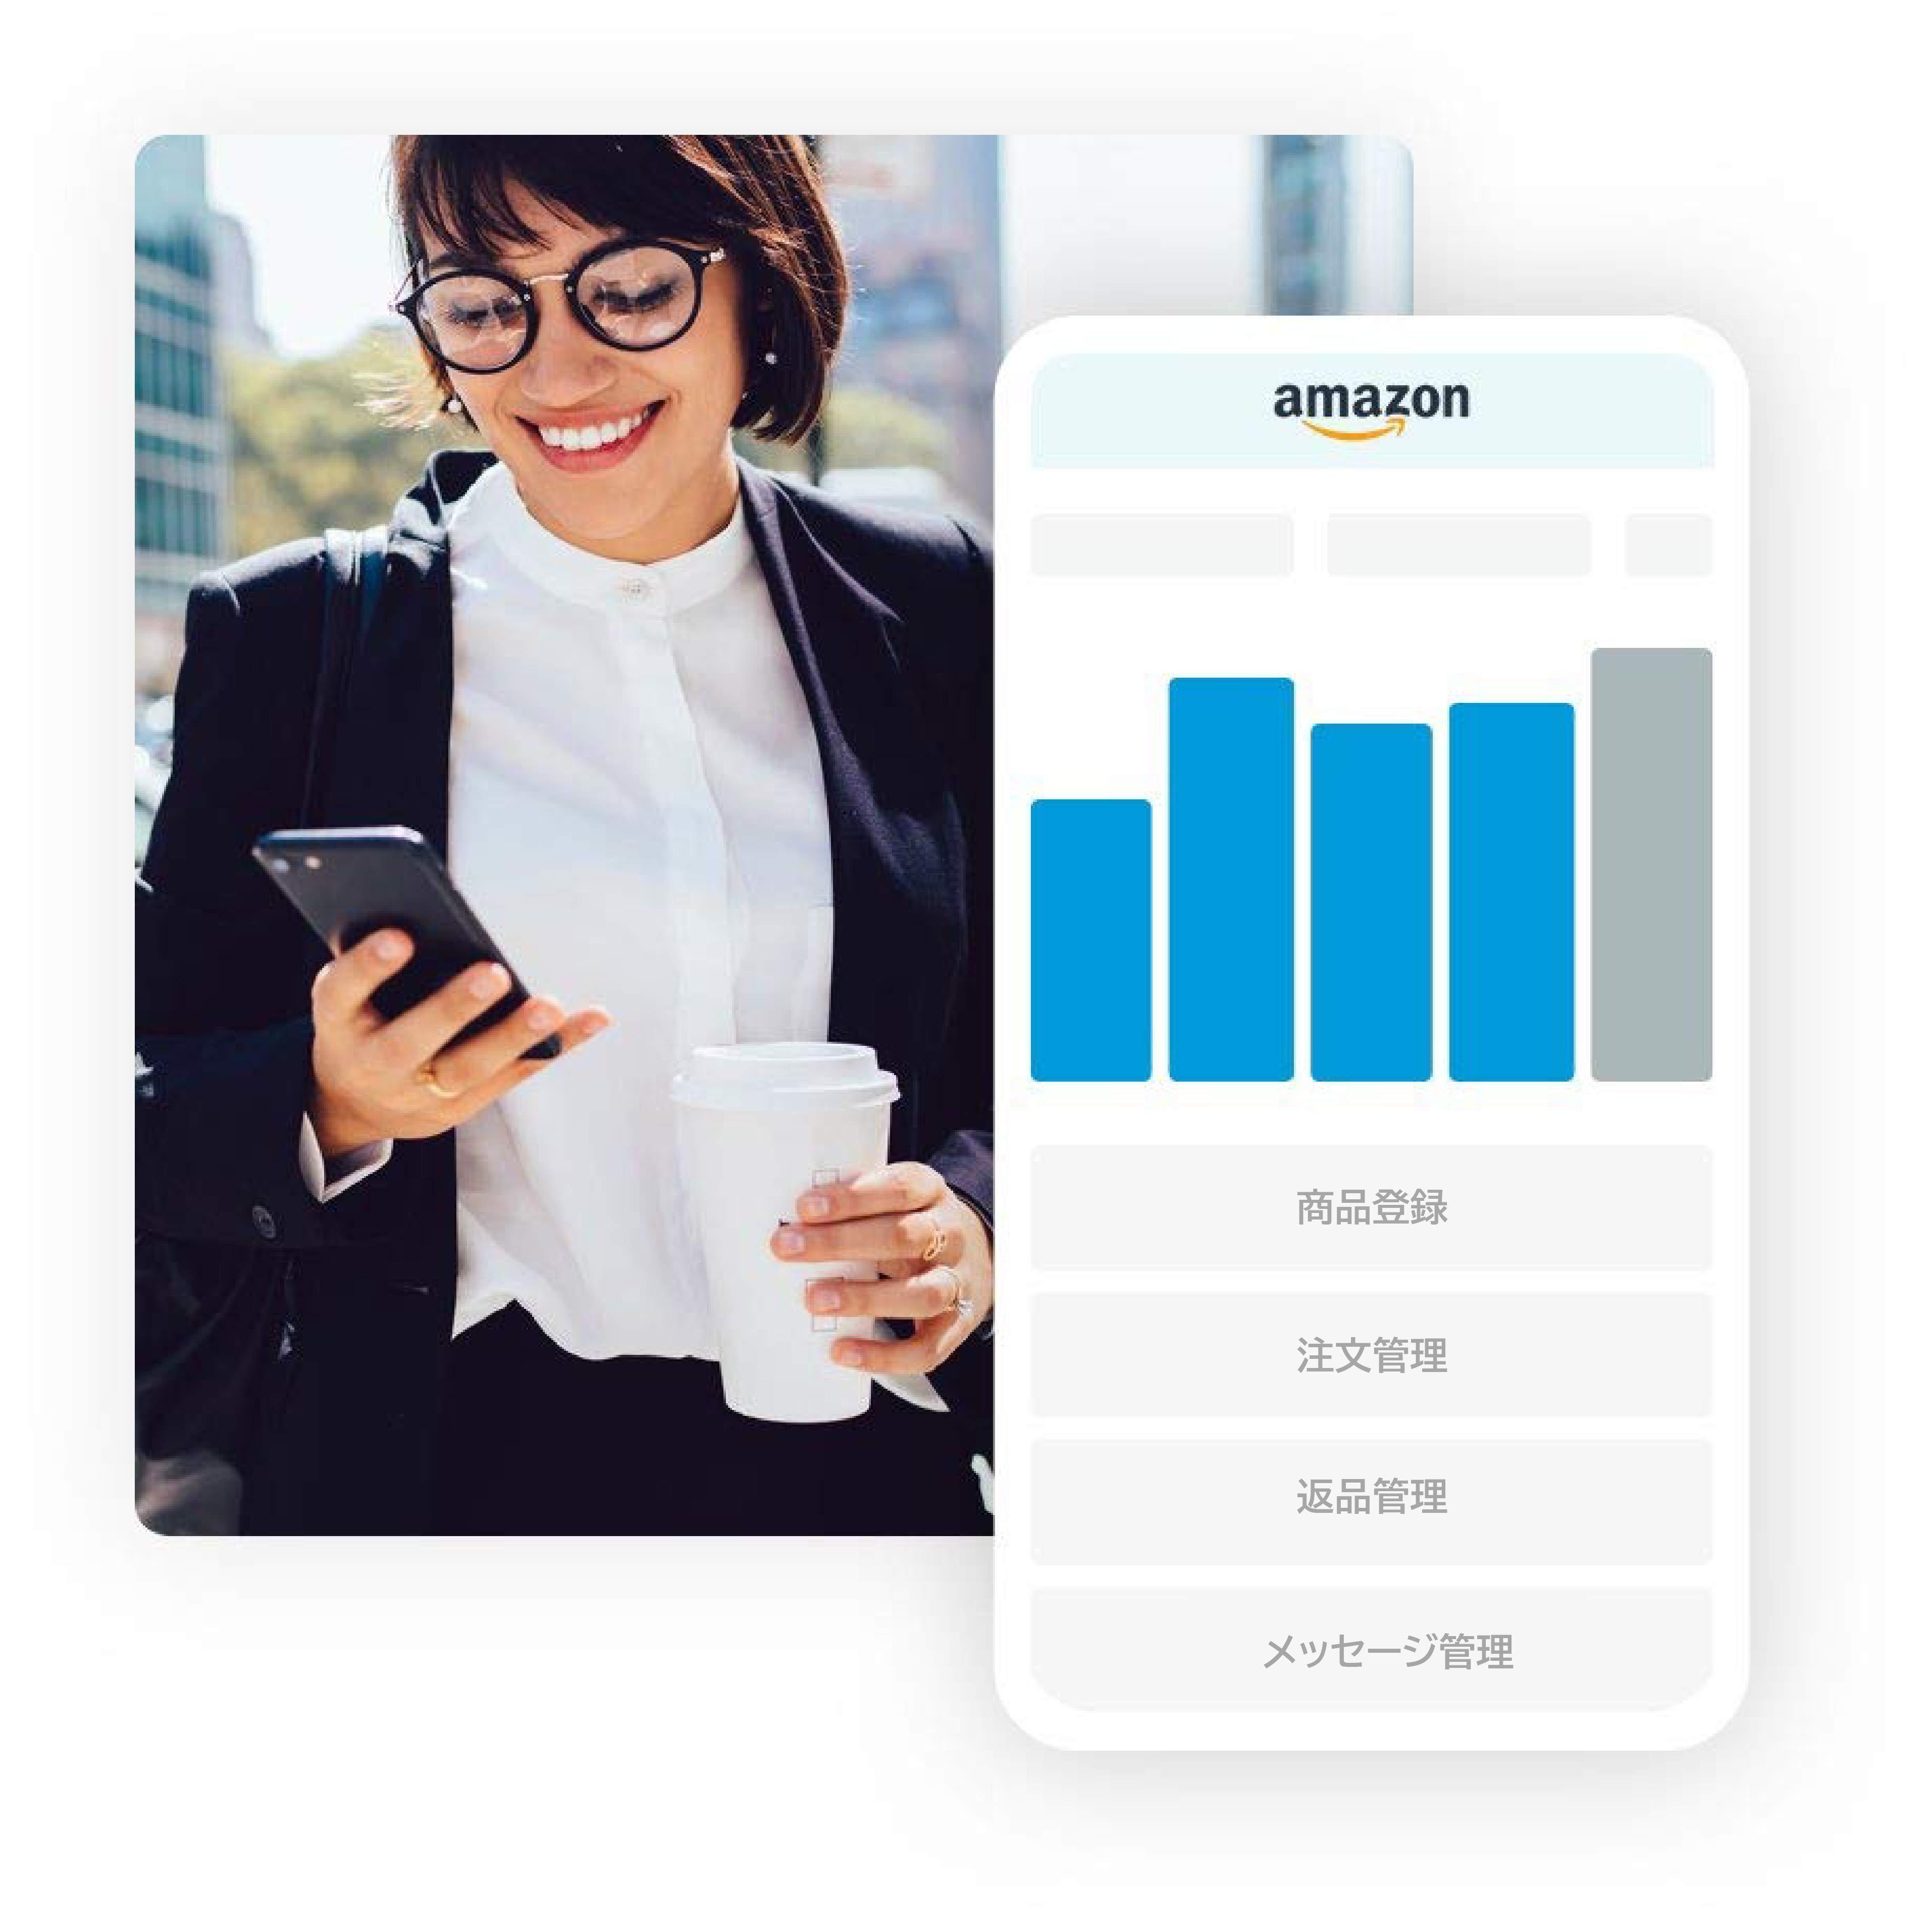 穿黑色西装外套的女性在亚马逊卖家应用程序上查看账户